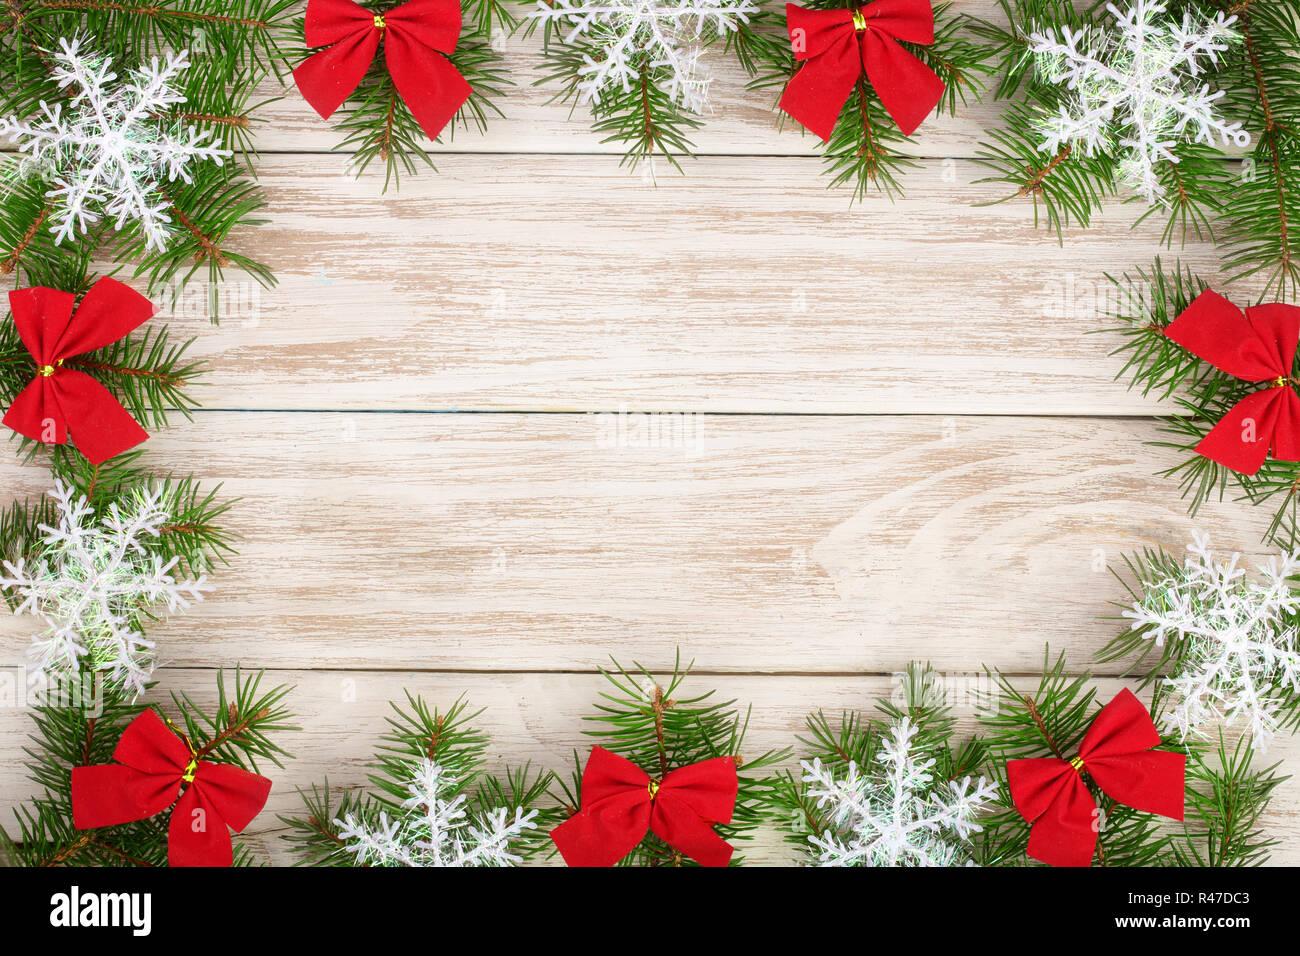 weihnachten rahmen aus tannenzweigen mit schneeflocken und. Black Bedroom Furniture Sets. Home Design Ideas